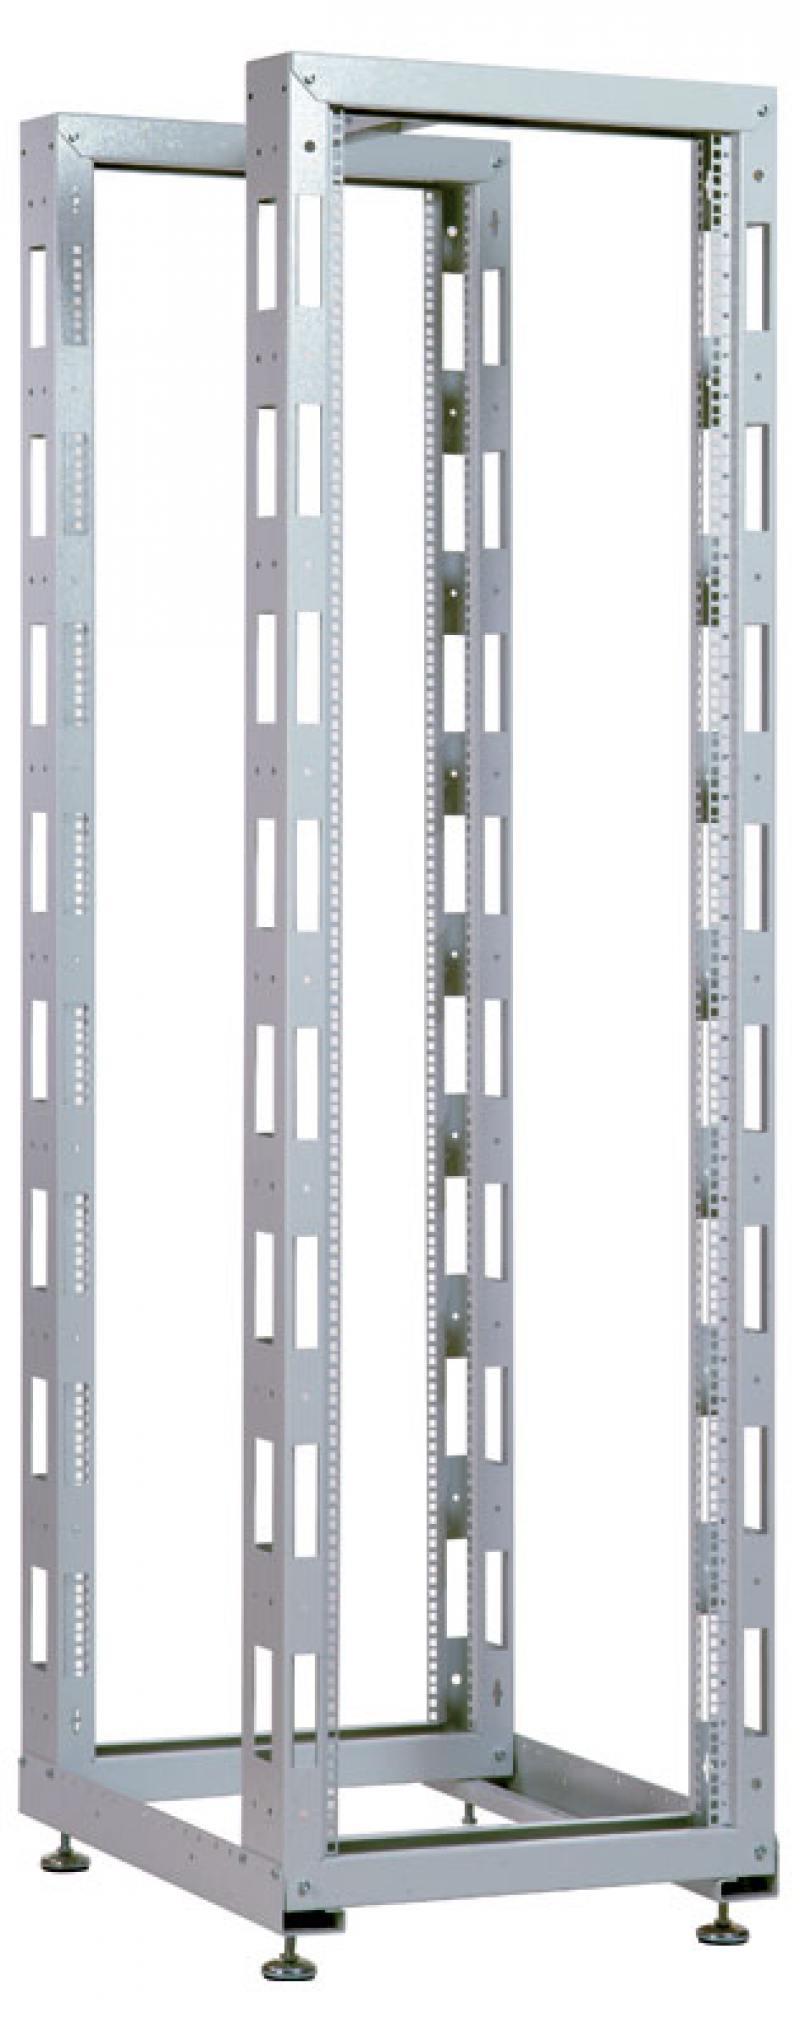 Стойка телекоммуникационная универсальная двухрамная 33U ЦМО СТК-33.2